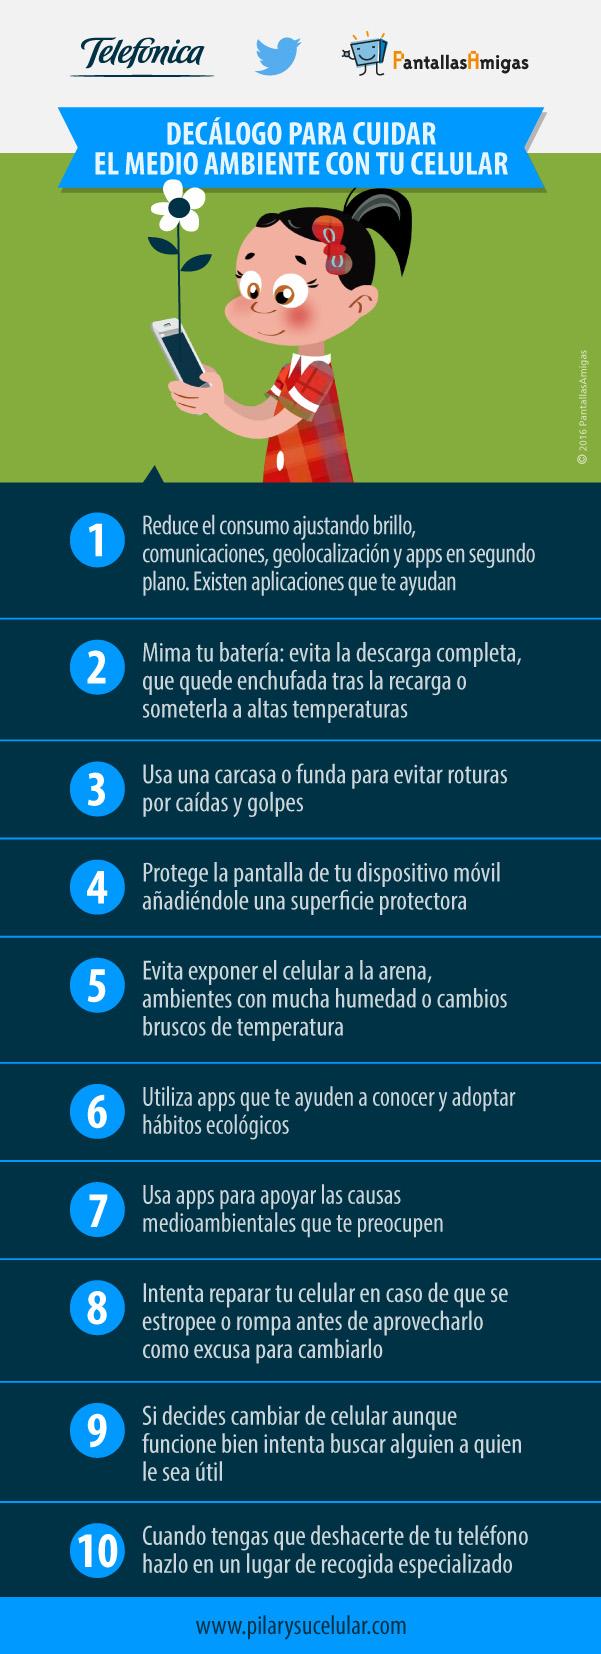 Telefónica lanza decálogo de uso sostenible del móvil por Día de Internet